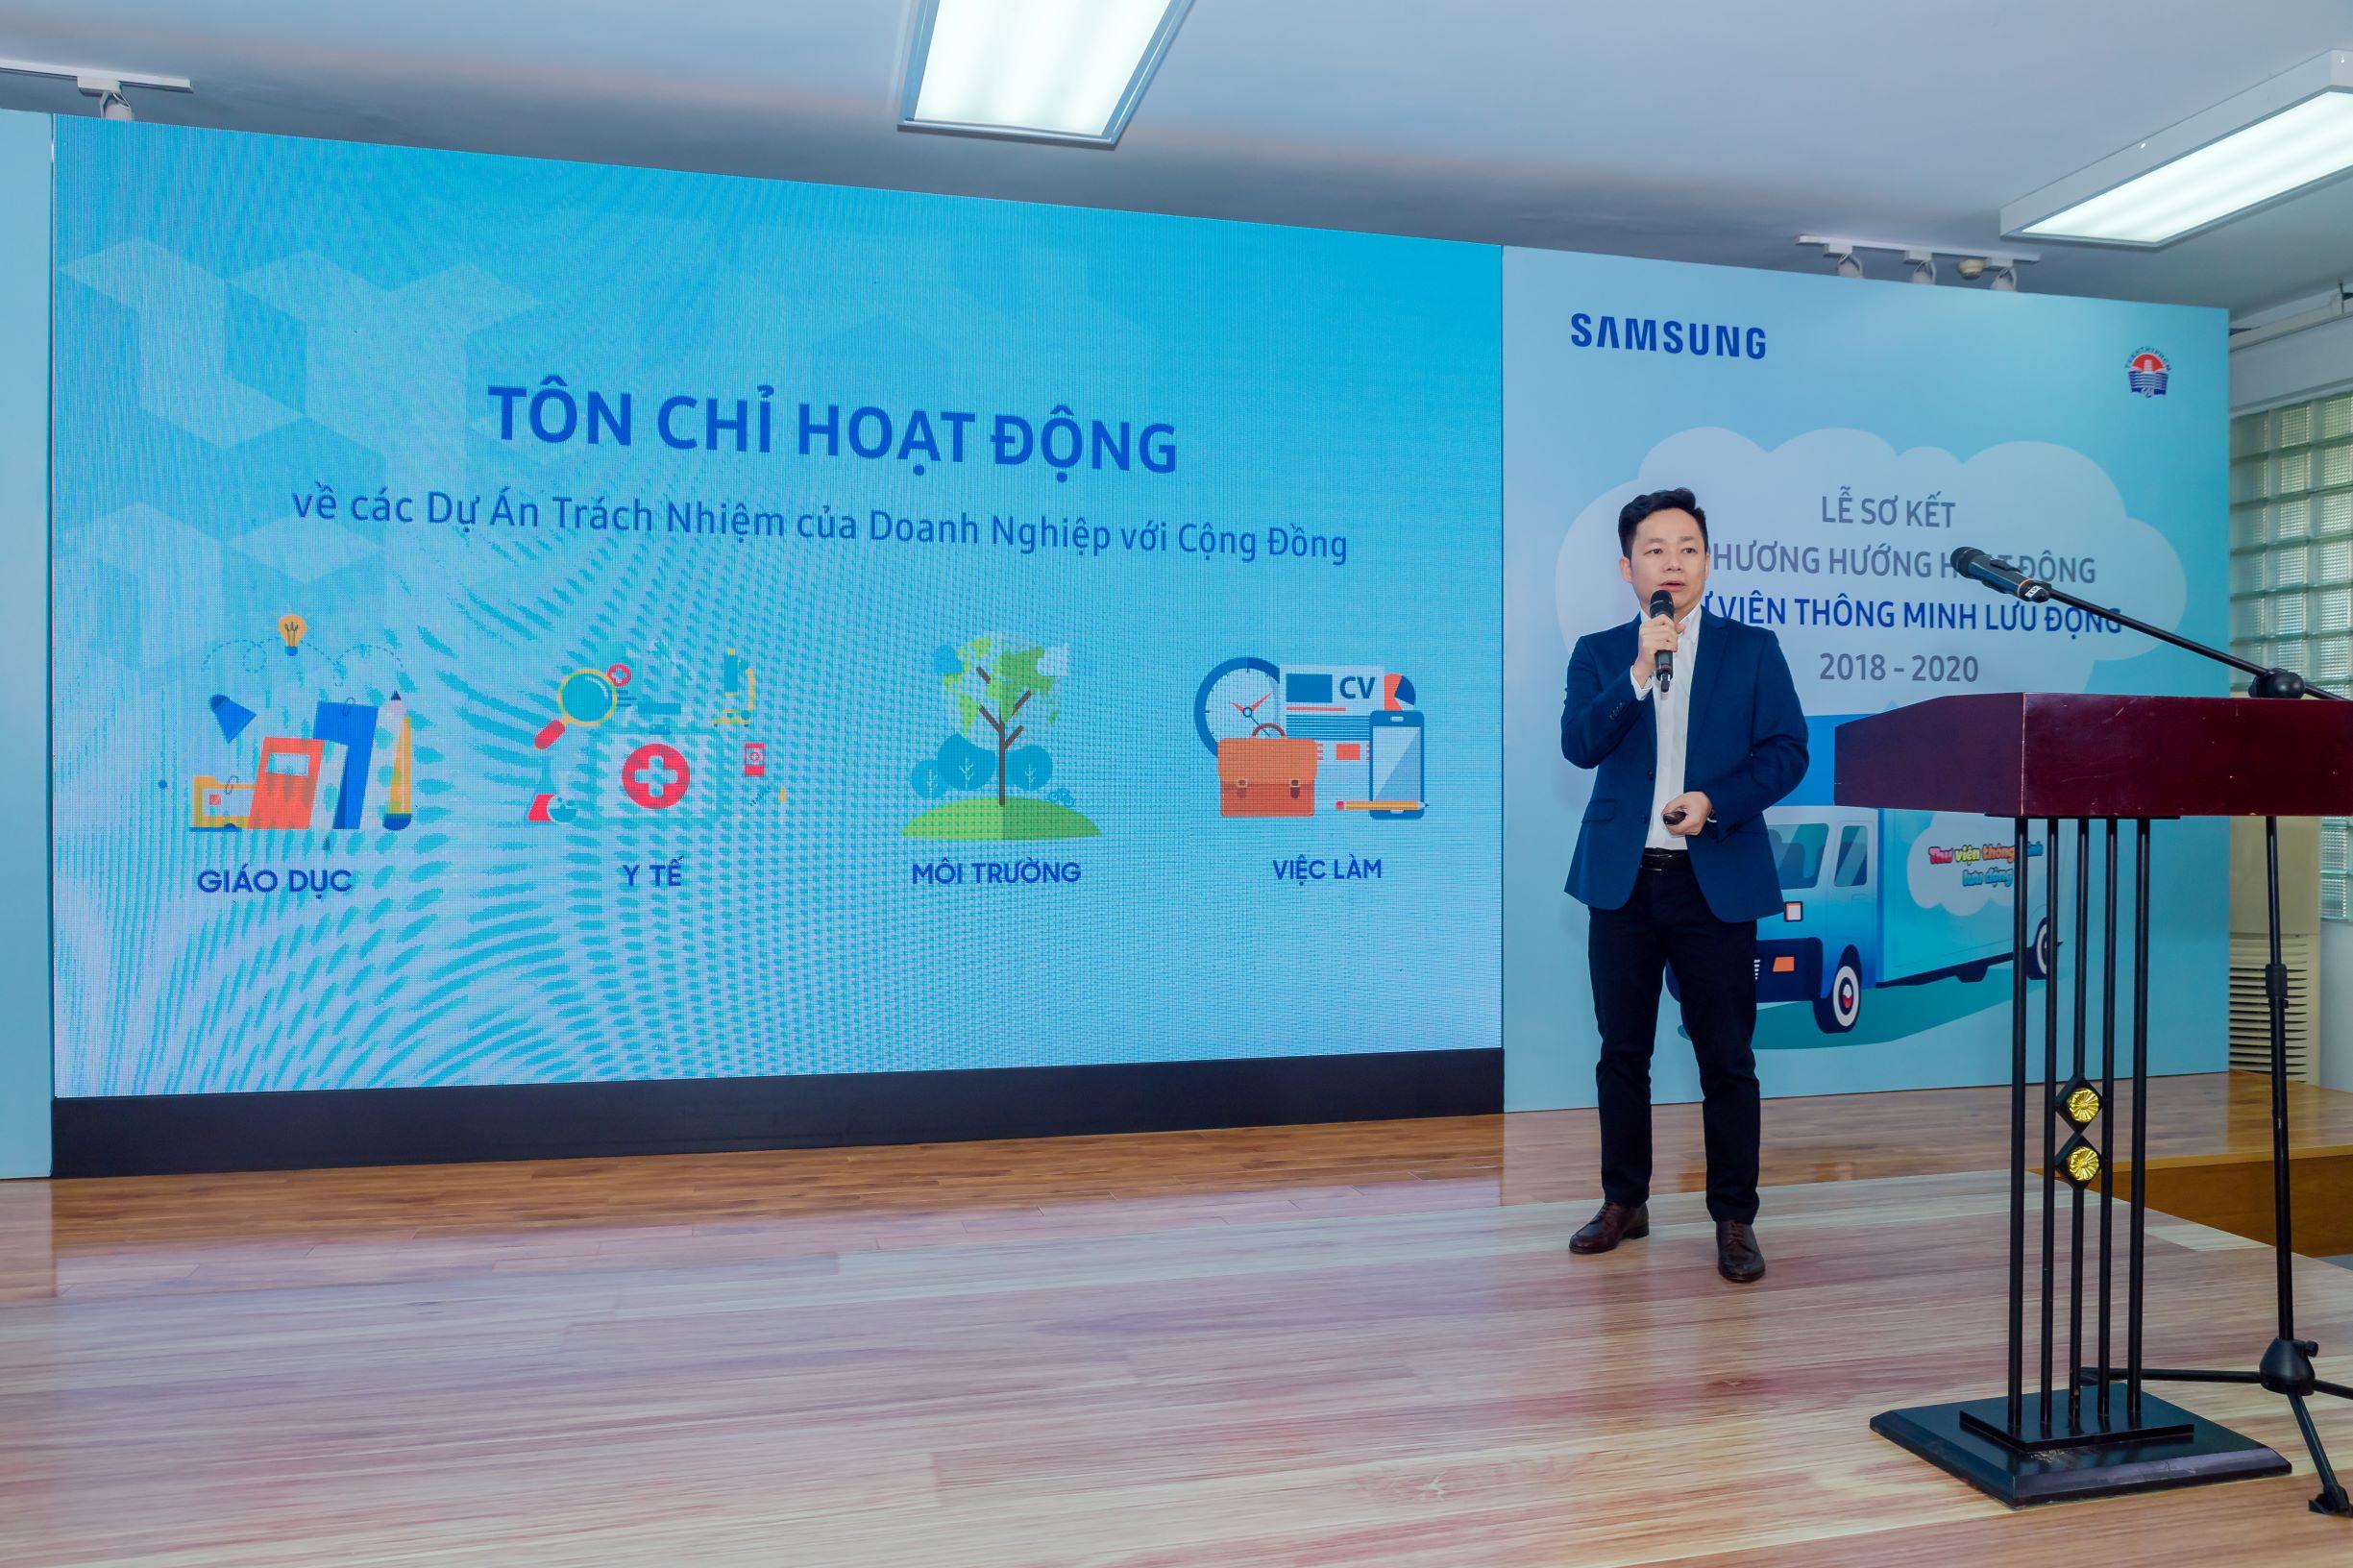 Samsung tiếp tục mở rộng địa bàn phục vụ Thư Viện Thông Minh Lưu Động